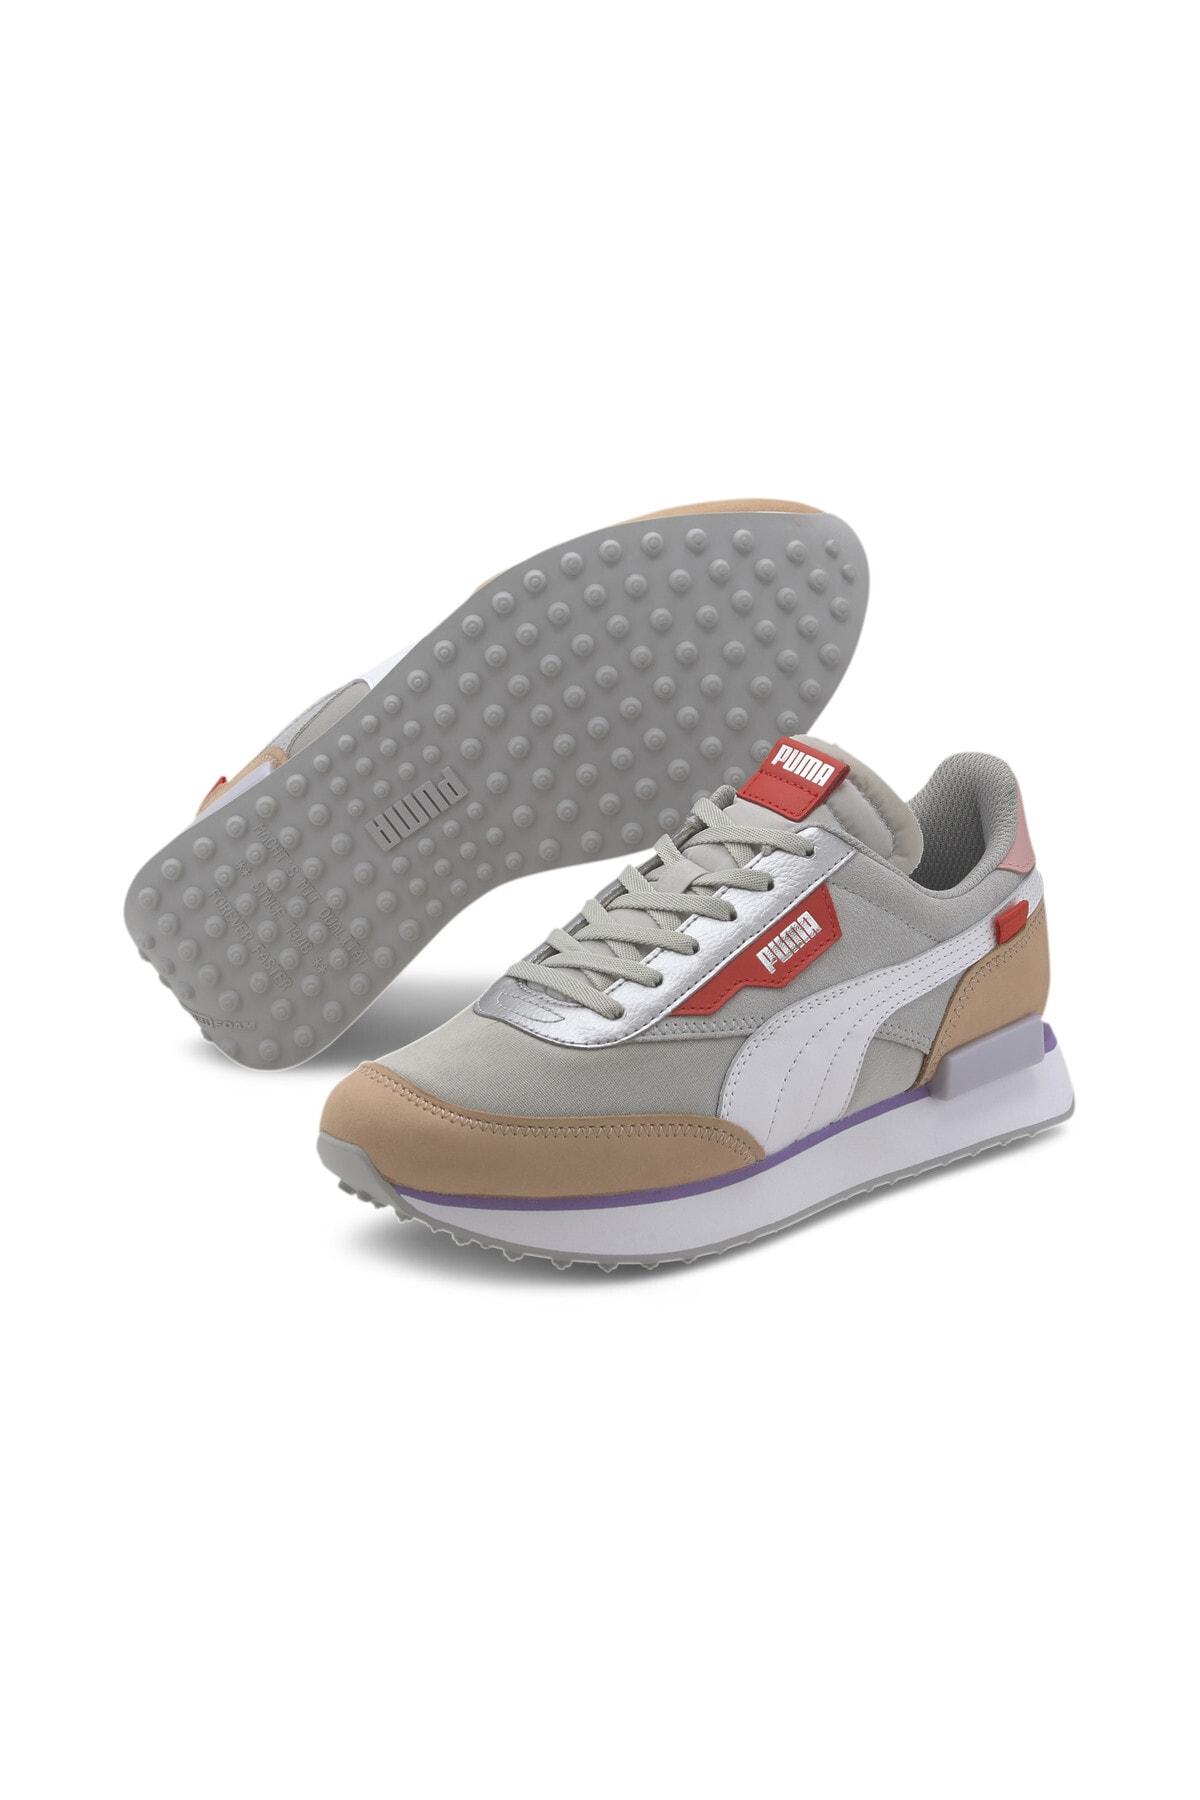 Puma FUTURE RIDER Royale Kadın Ayakkabı 2